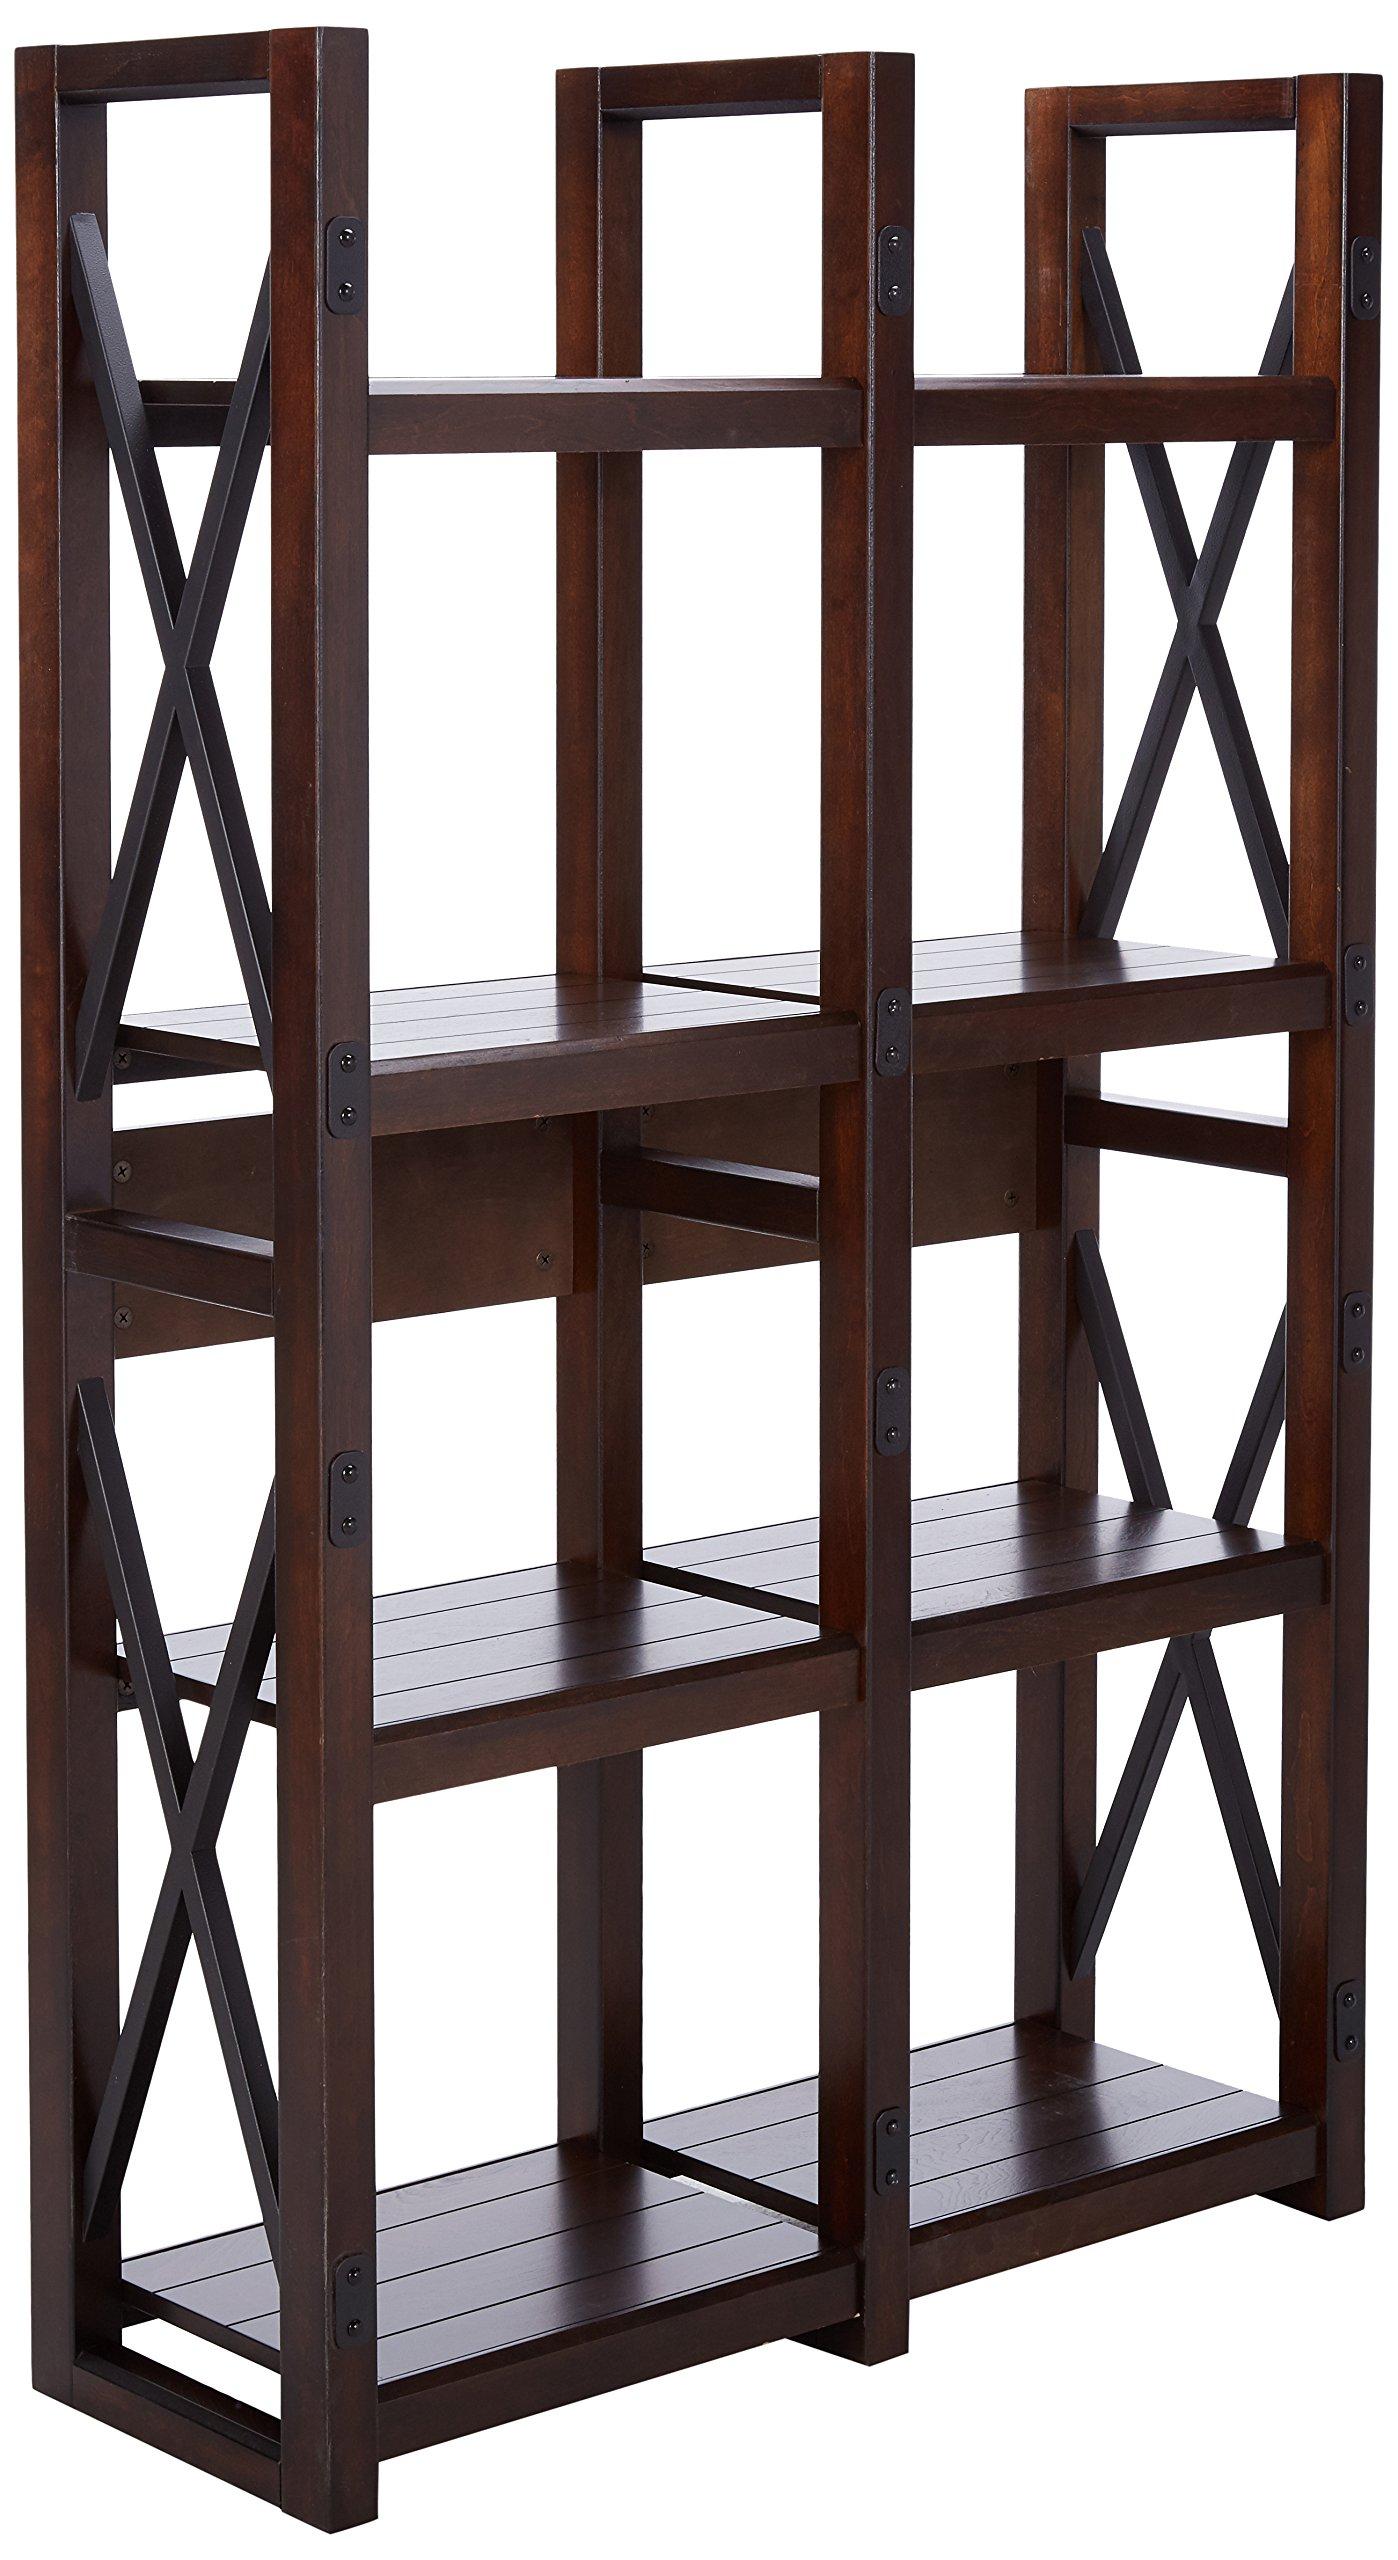 Ameriwood Home Wildwood Wood Veneer Bookcase/Room Divider, Espresso